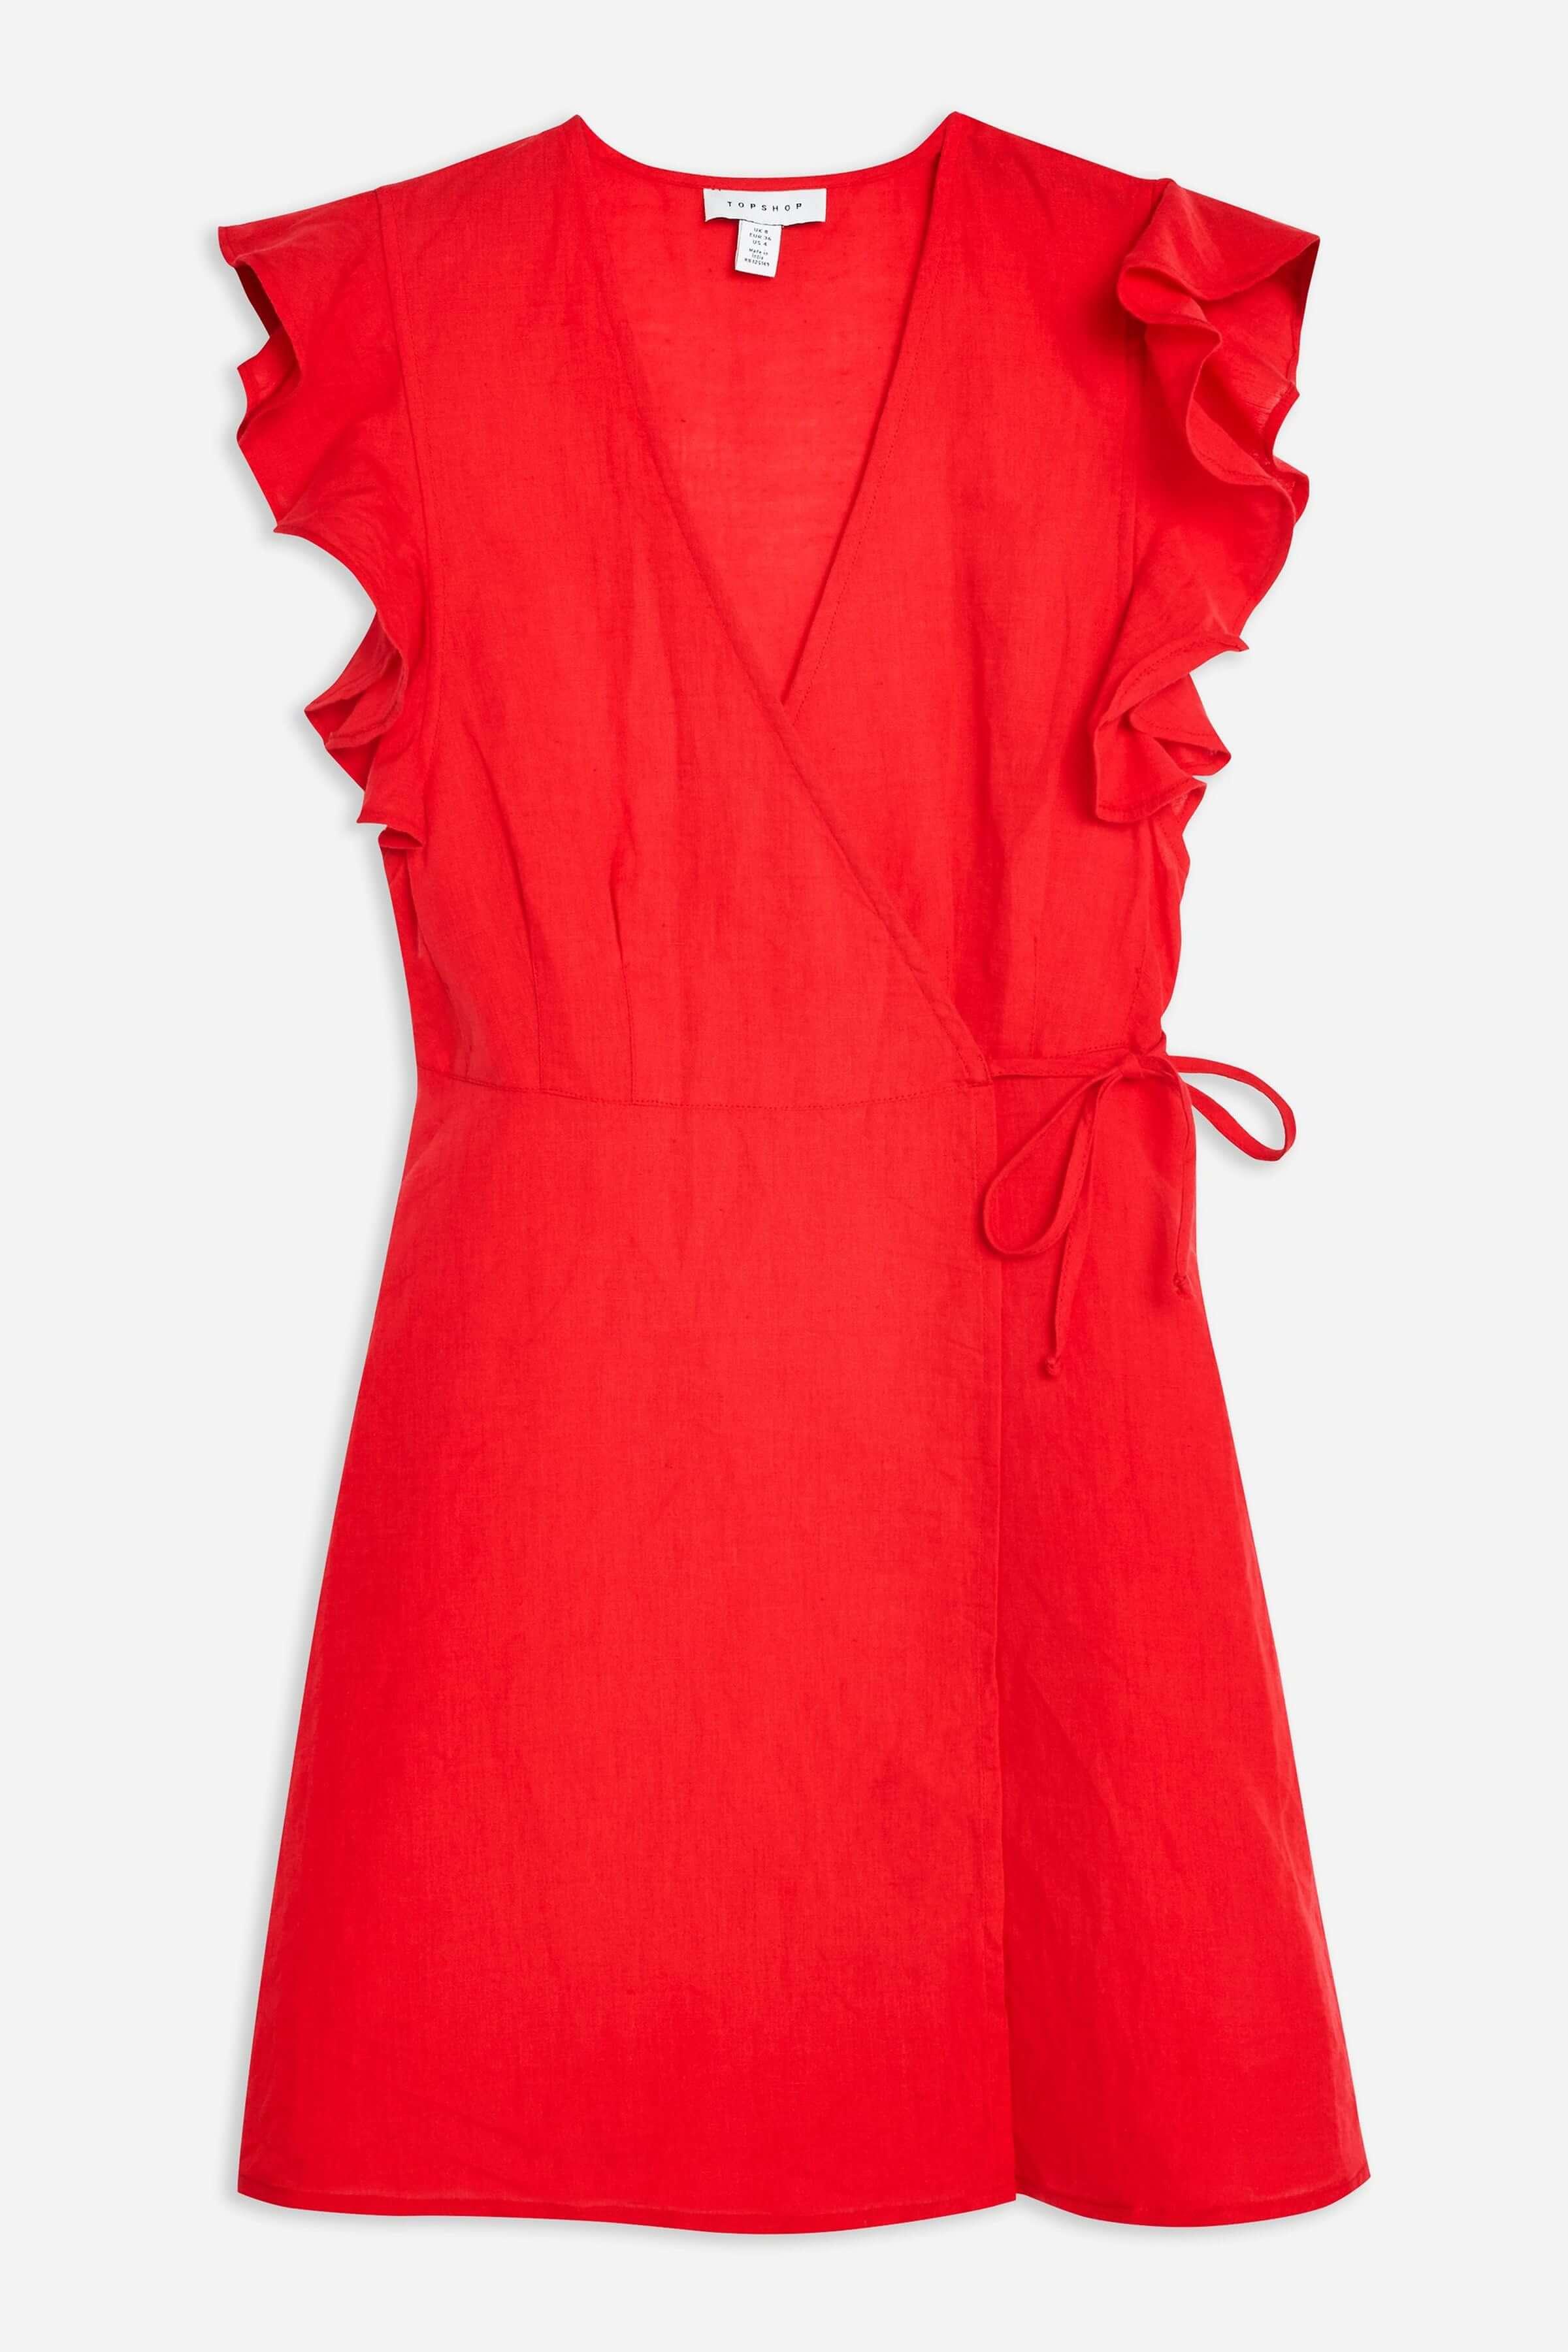 Vestido rojo de Topshop